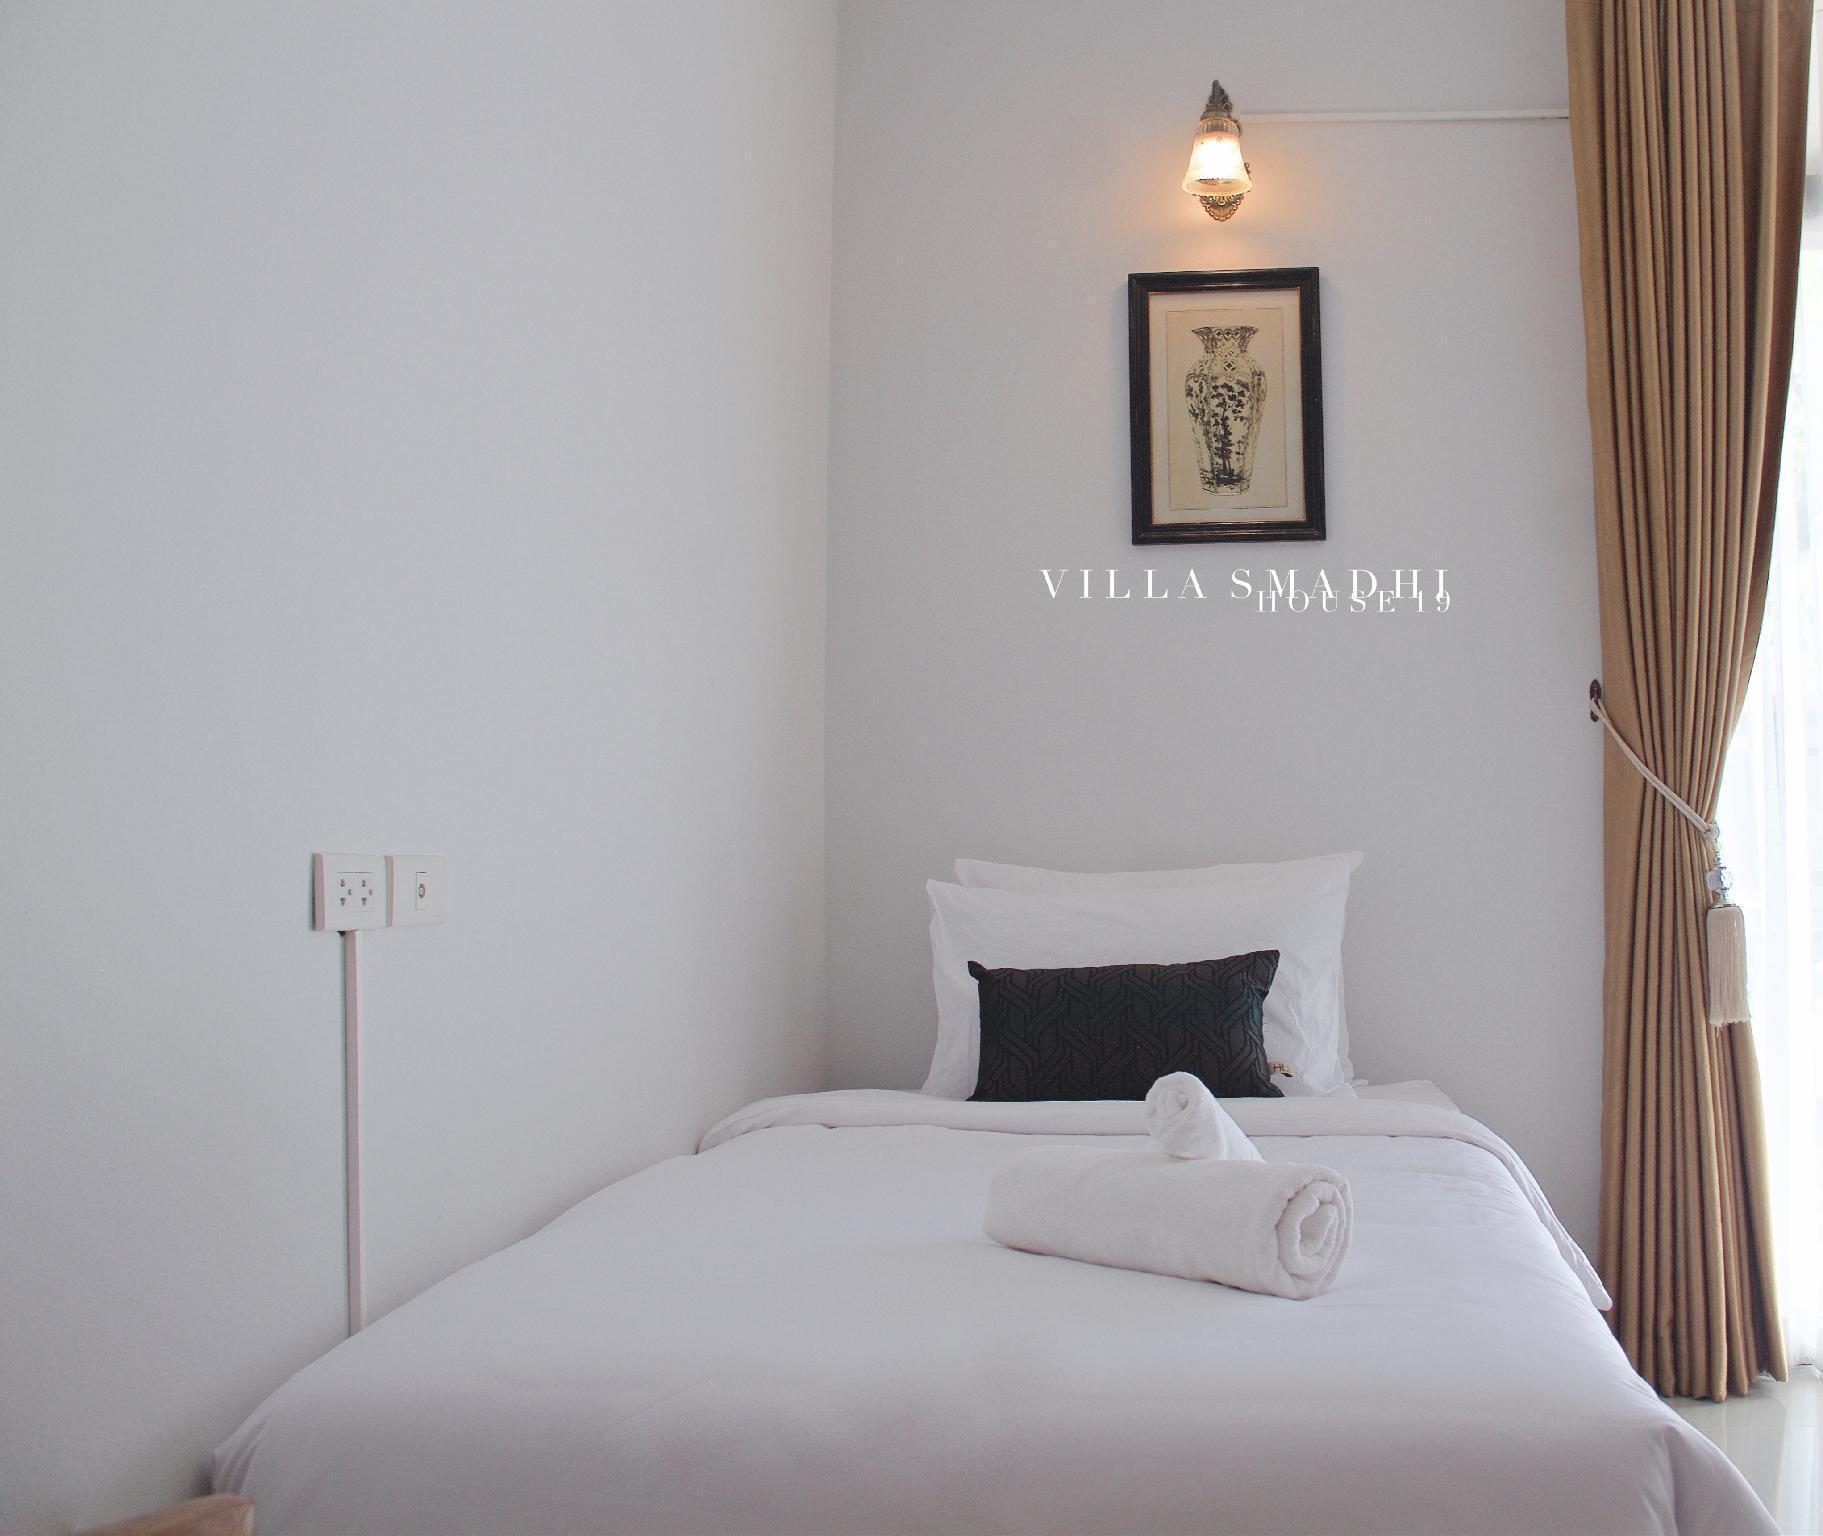 Villa Smadhi House 19  by Ben's Studio วิลลา 2 ห้องนอน 2 ห้องน้ำส่วนตัว ขนาด 150 ตร.ม. – บ้านในช่อง